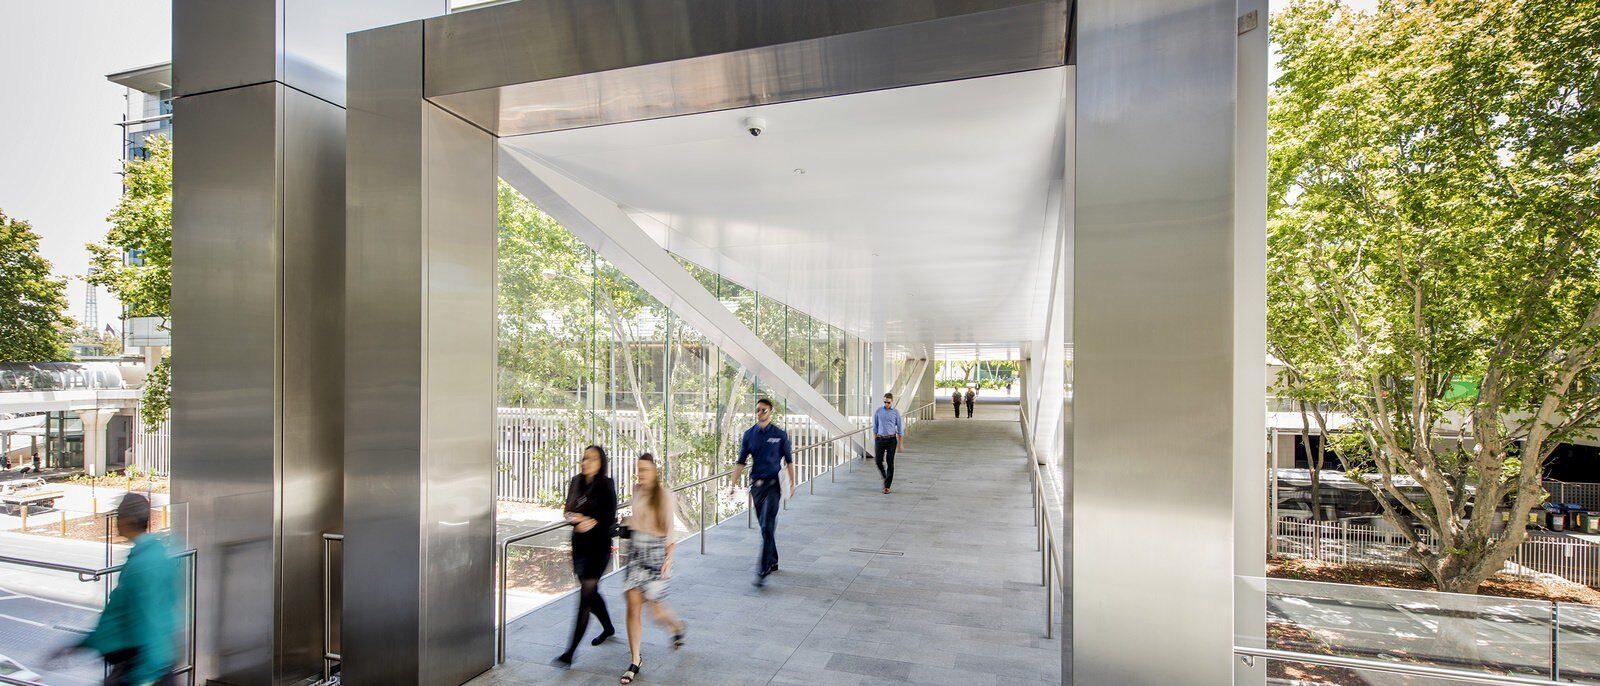 People walking in glass walkway between two buildings